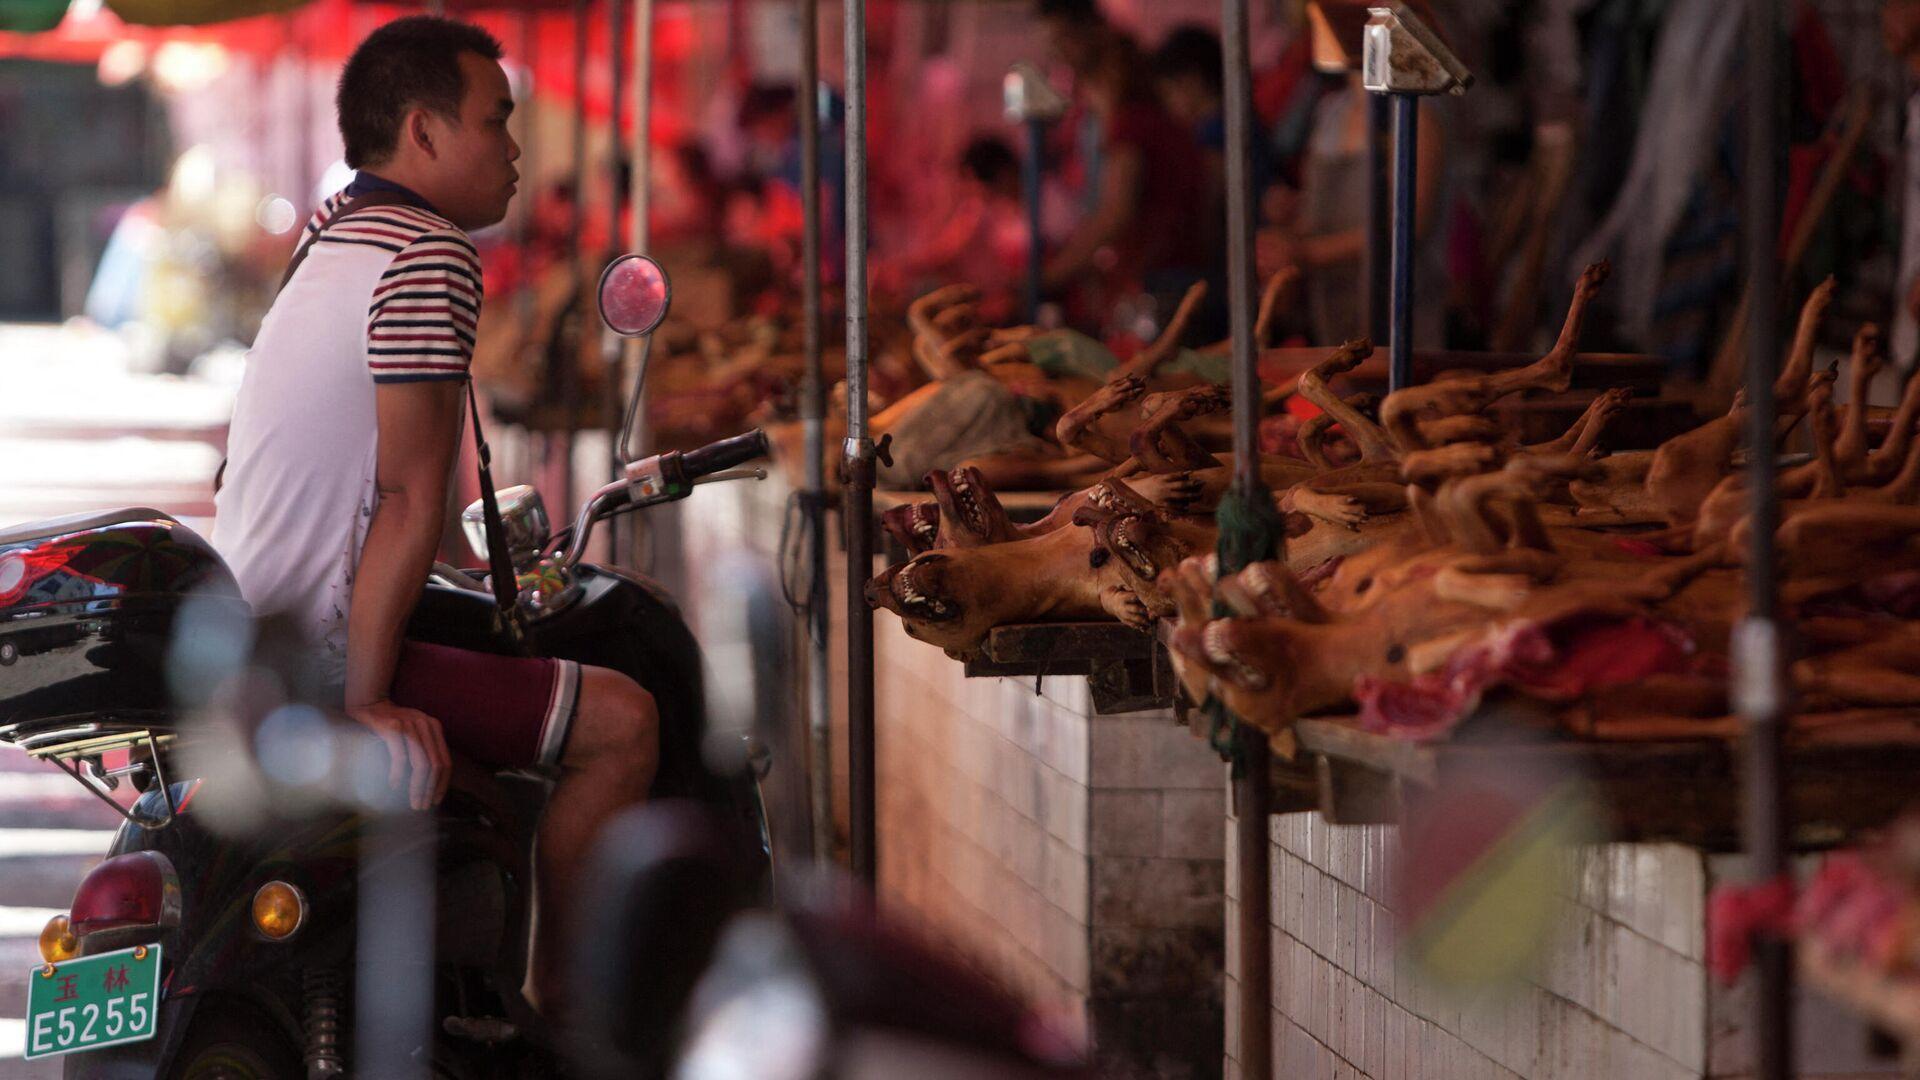 Рынок в Китае, где торгуют мясом собак - Sputnik Ўзбекистон, 1920, 28.09.2021